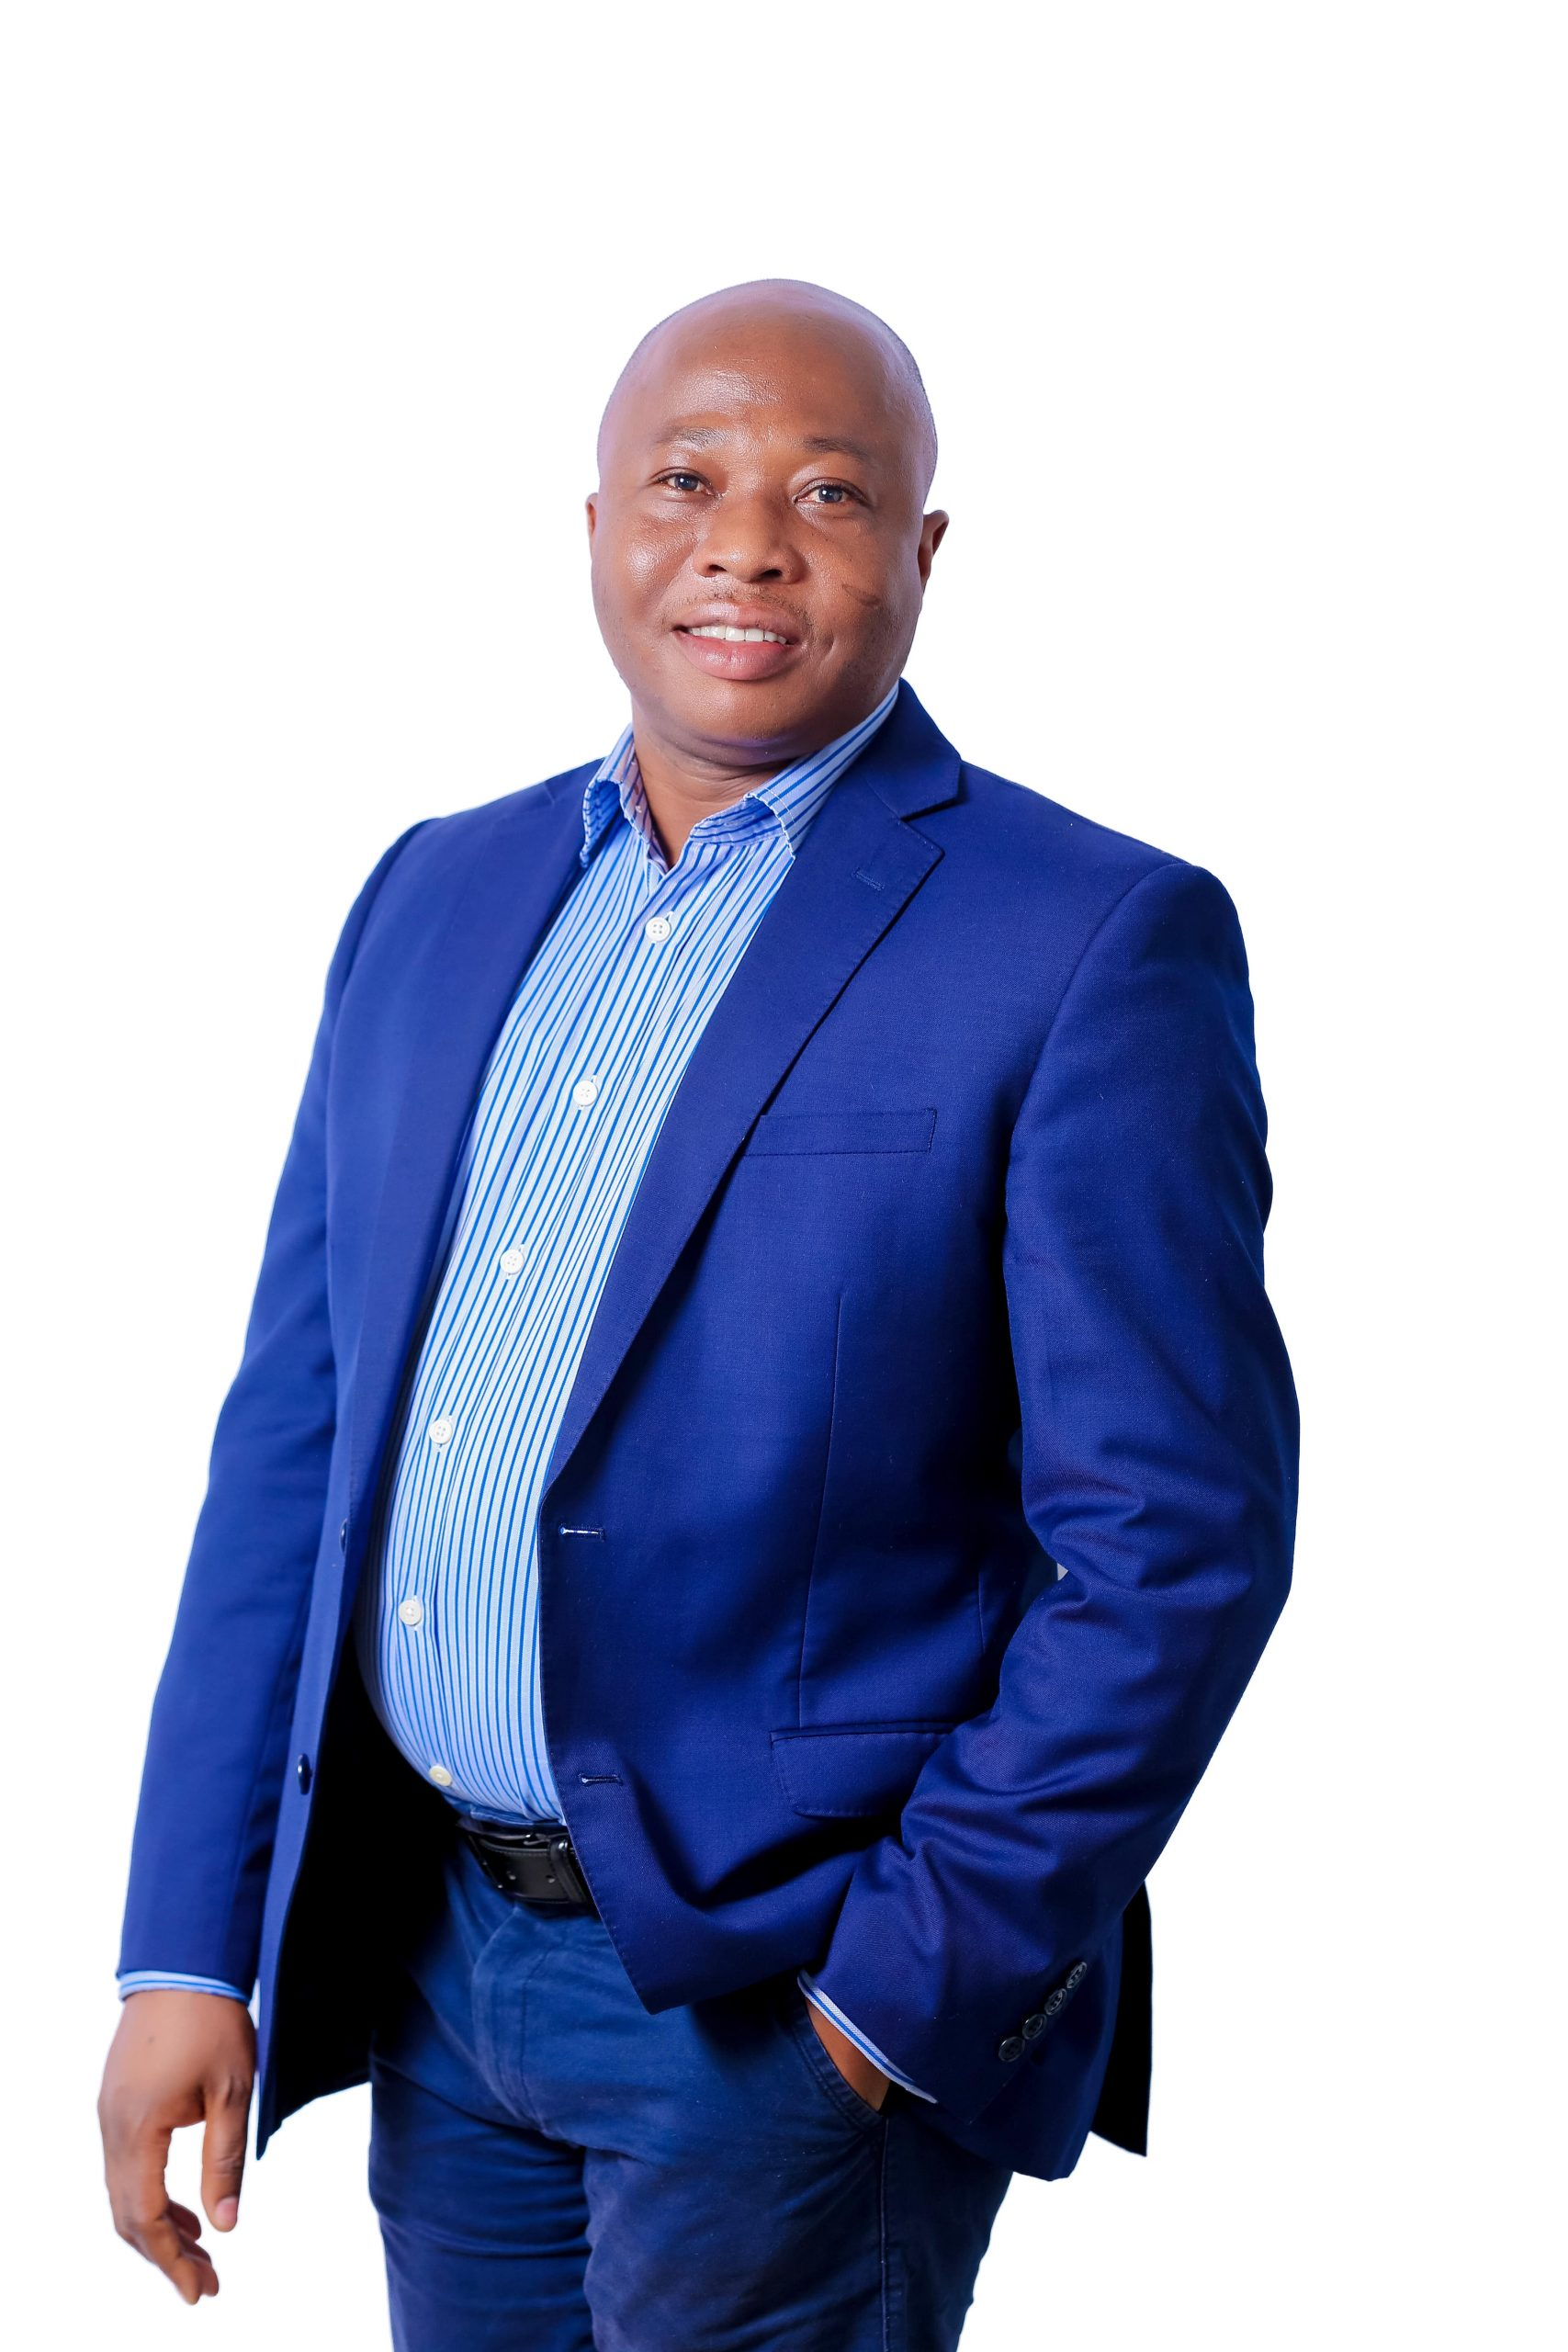 Godfrey Mwindaare